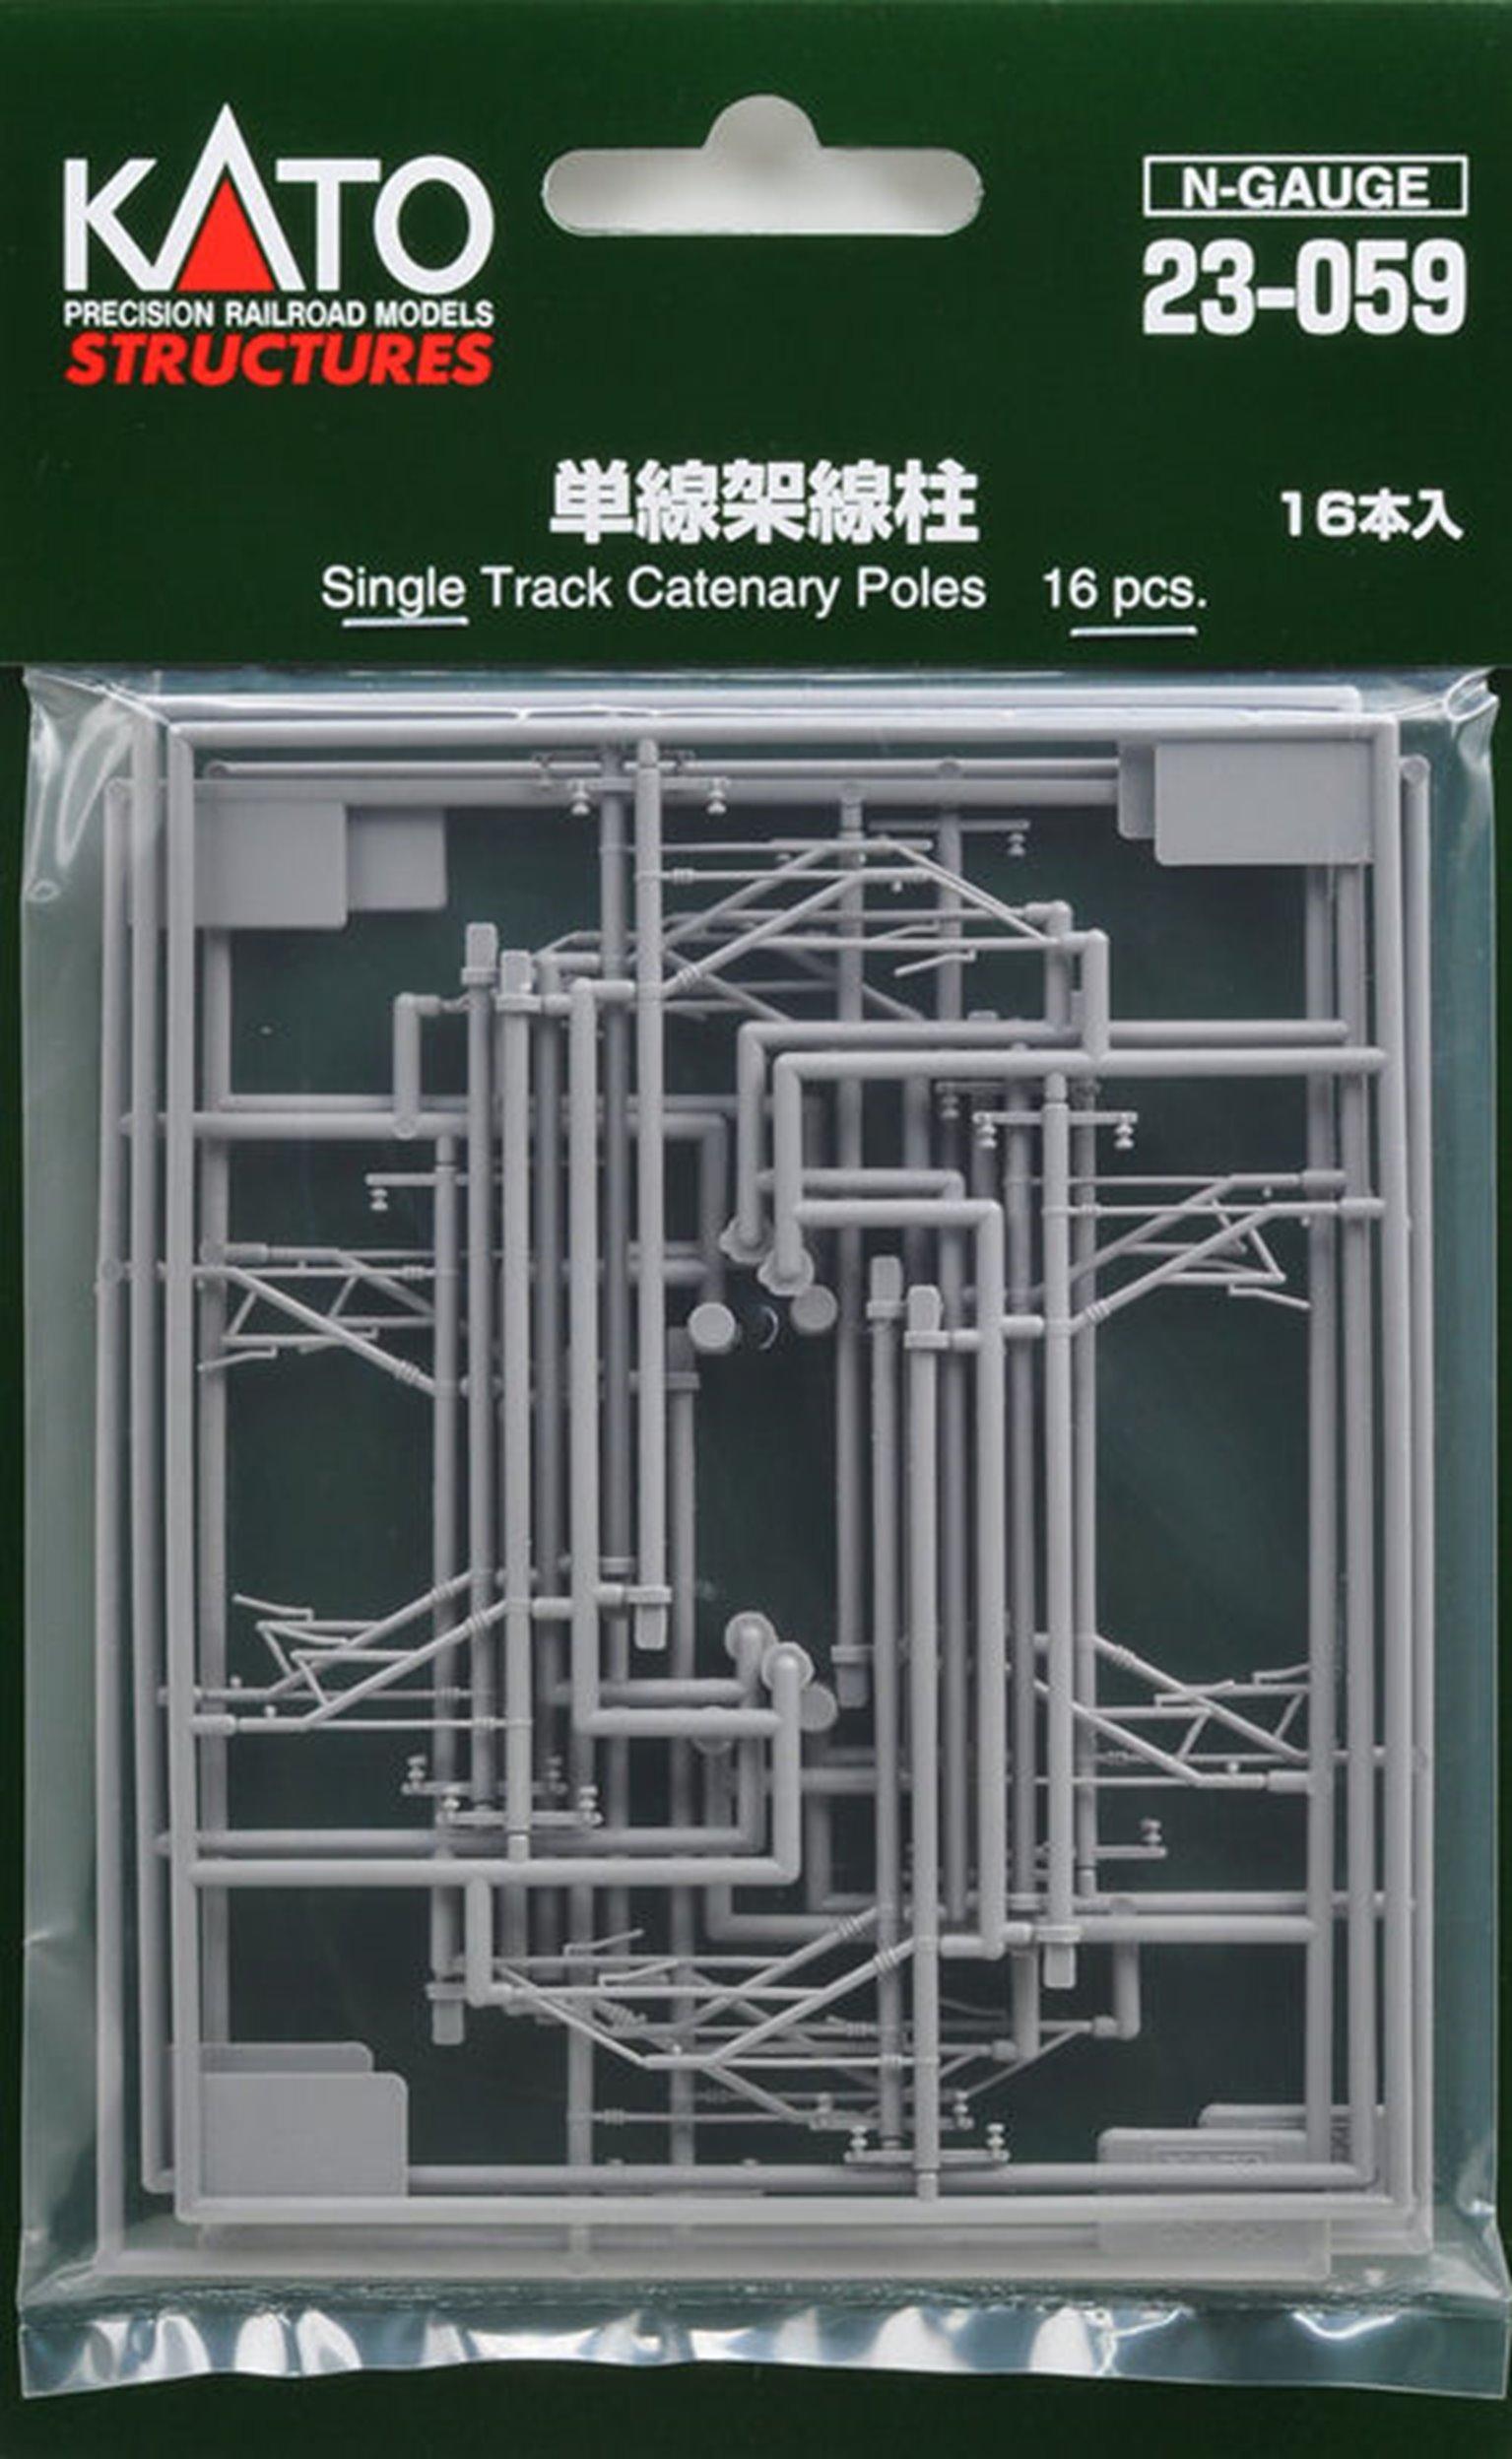 Single Track Catenary Masts (16)